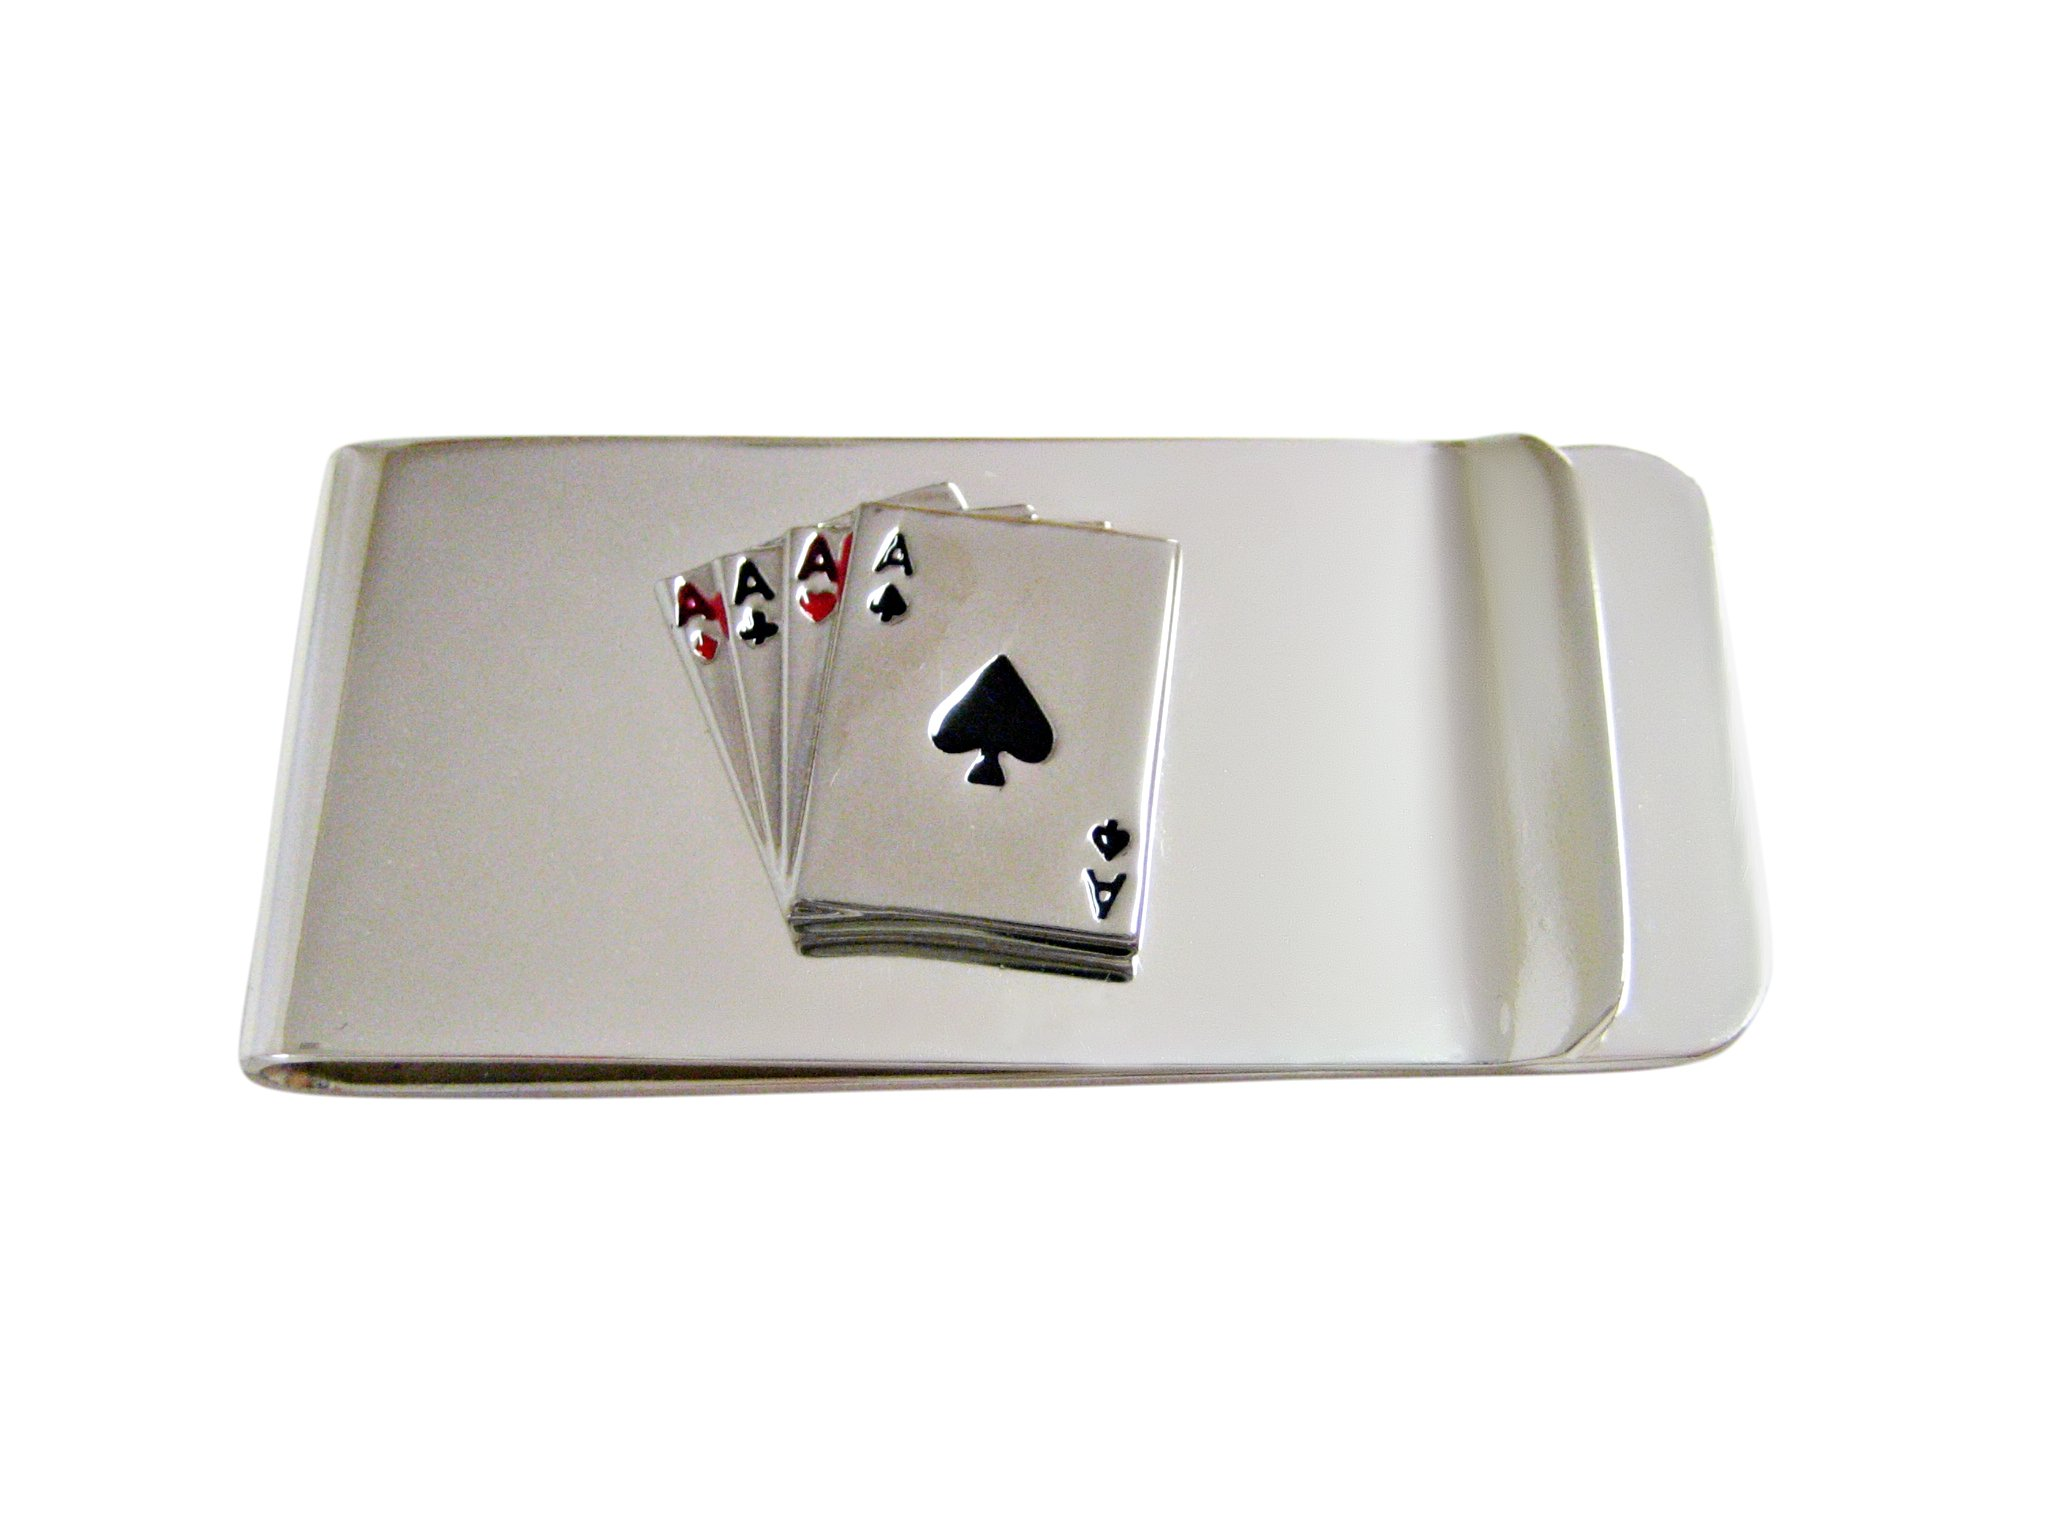 Four Aces Gambling Money Clip